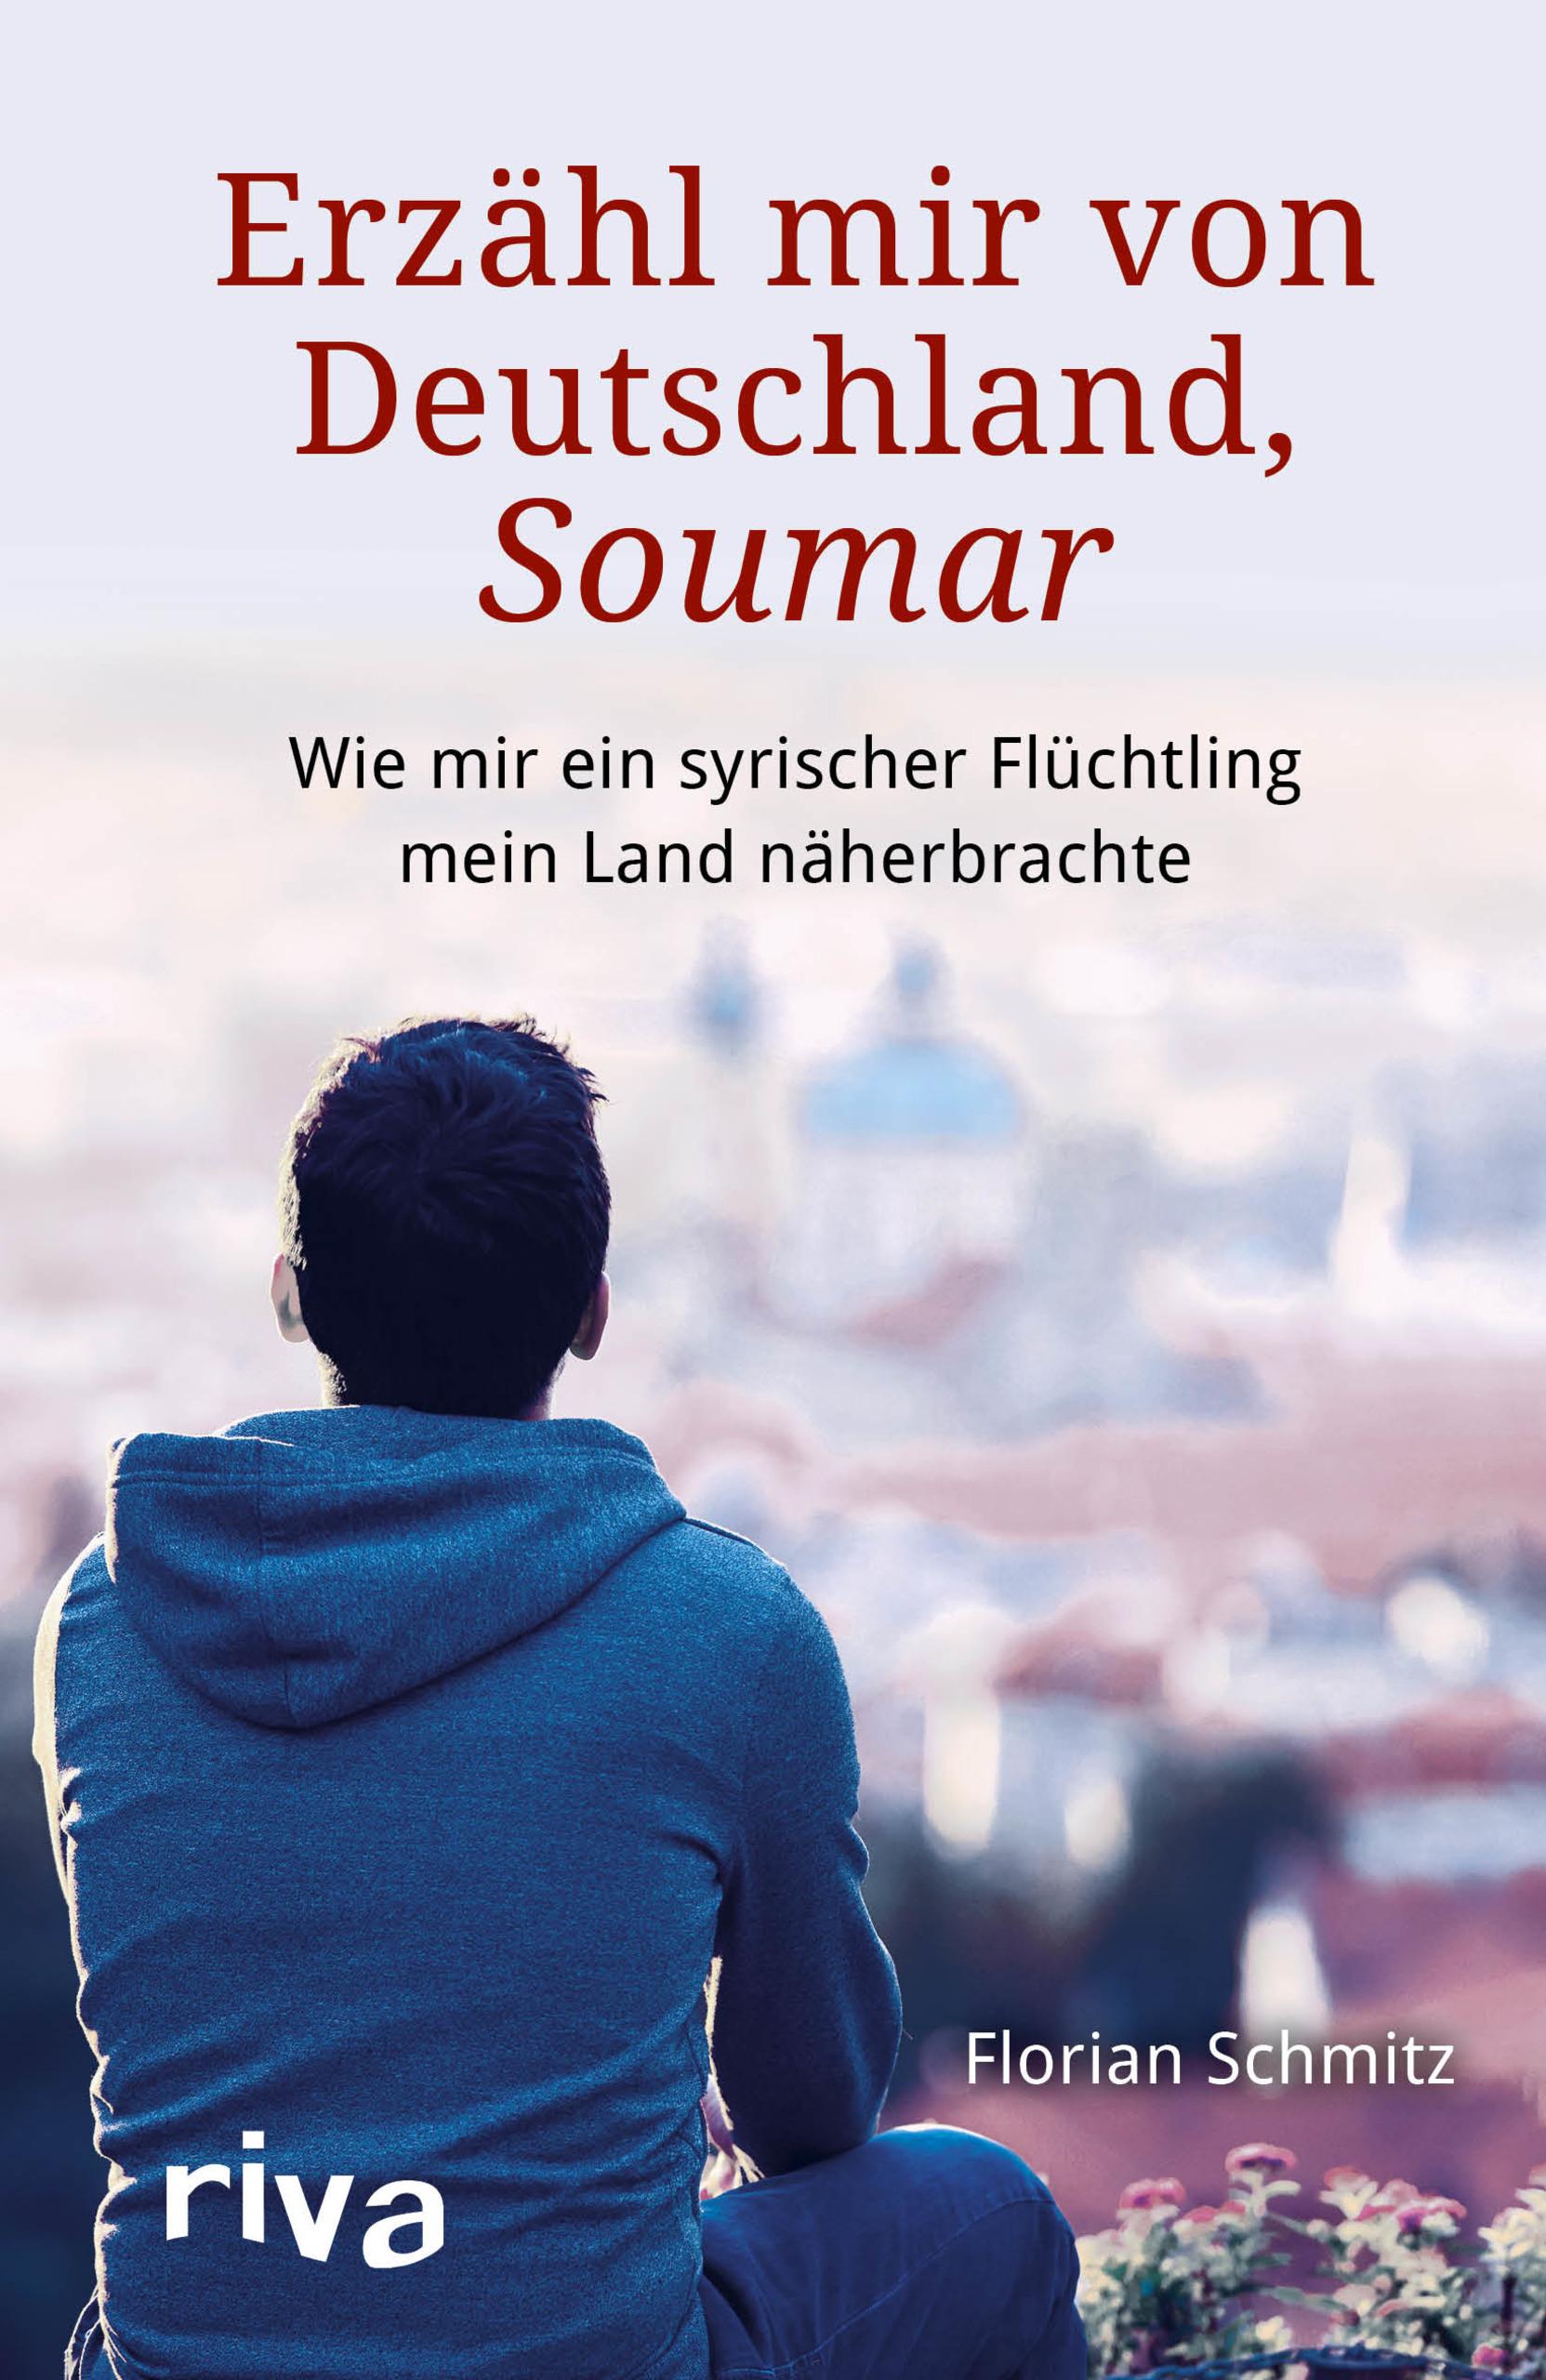 NEU-Erzaehl-mir-von-Deutschland-Soumar-Florian-Schmitz-301598